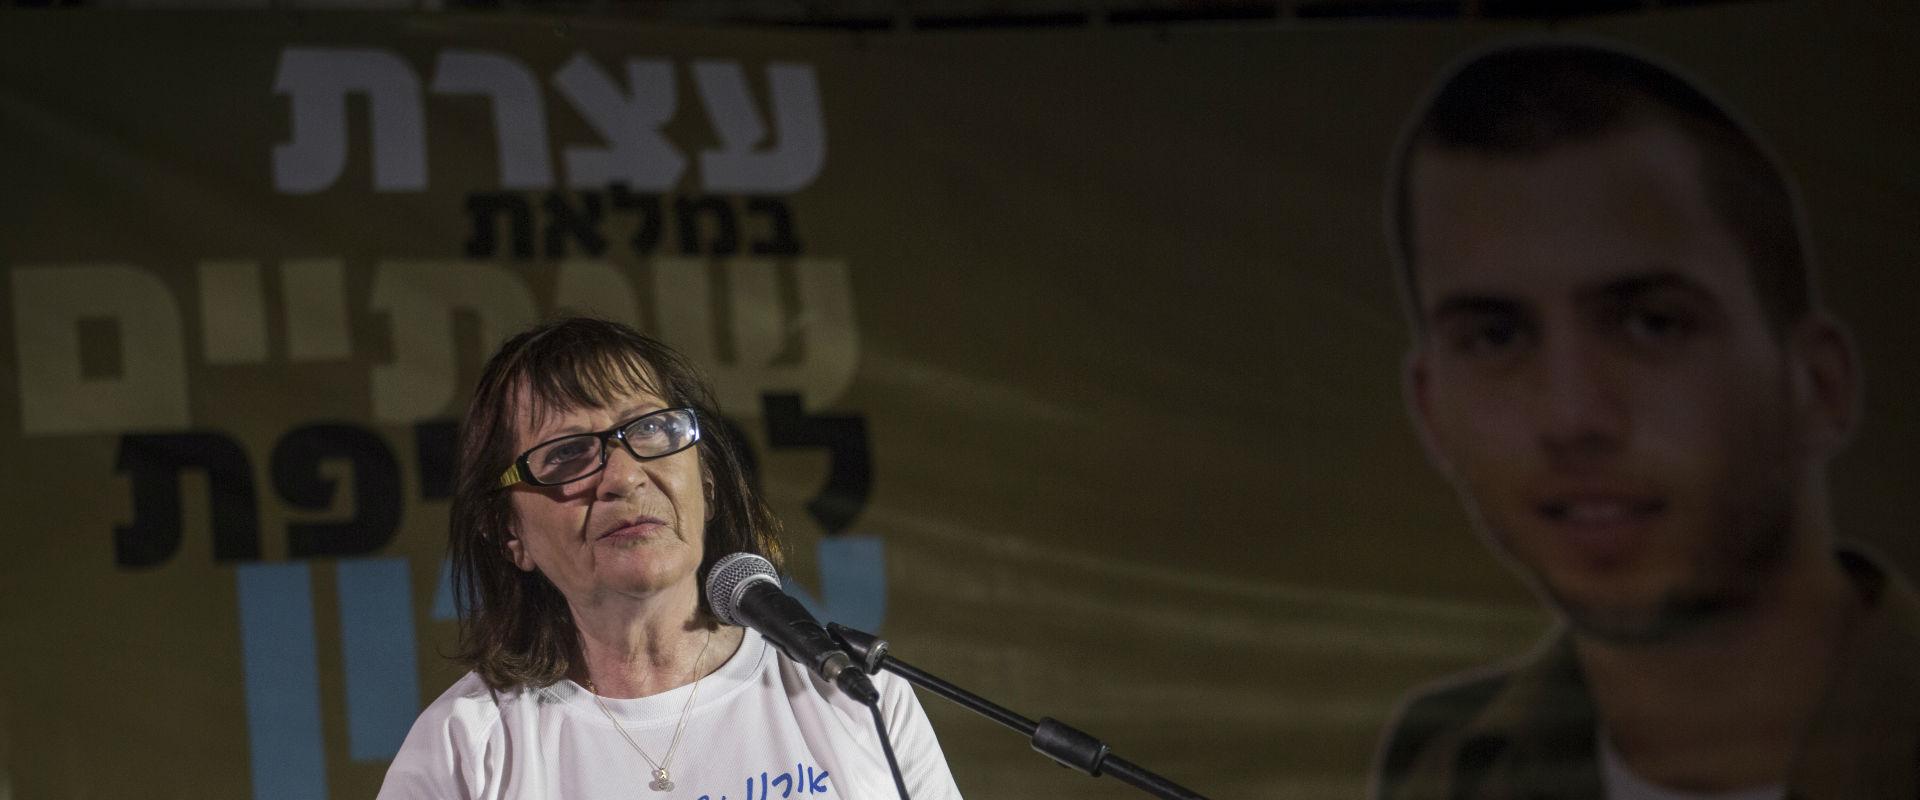 זהבה אמו של אורון שאול, בעצרת במלאות שנתיים למותו